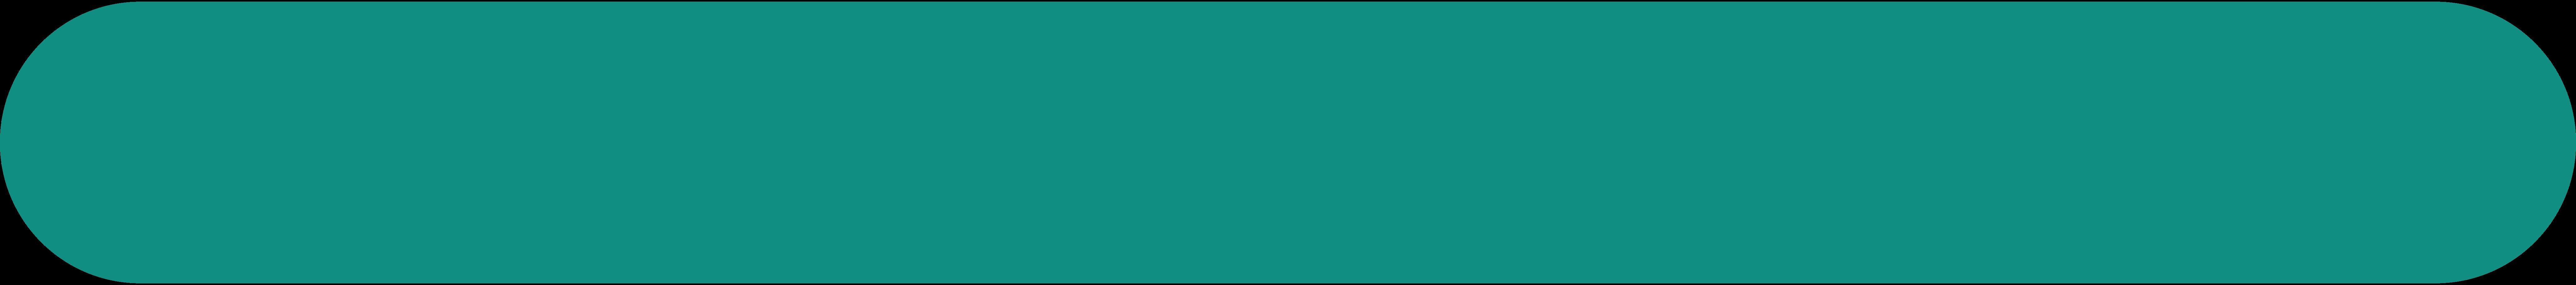 PNGとSVGの  スタイルの 電池 ベクターイメージ   Icons8 イラスト